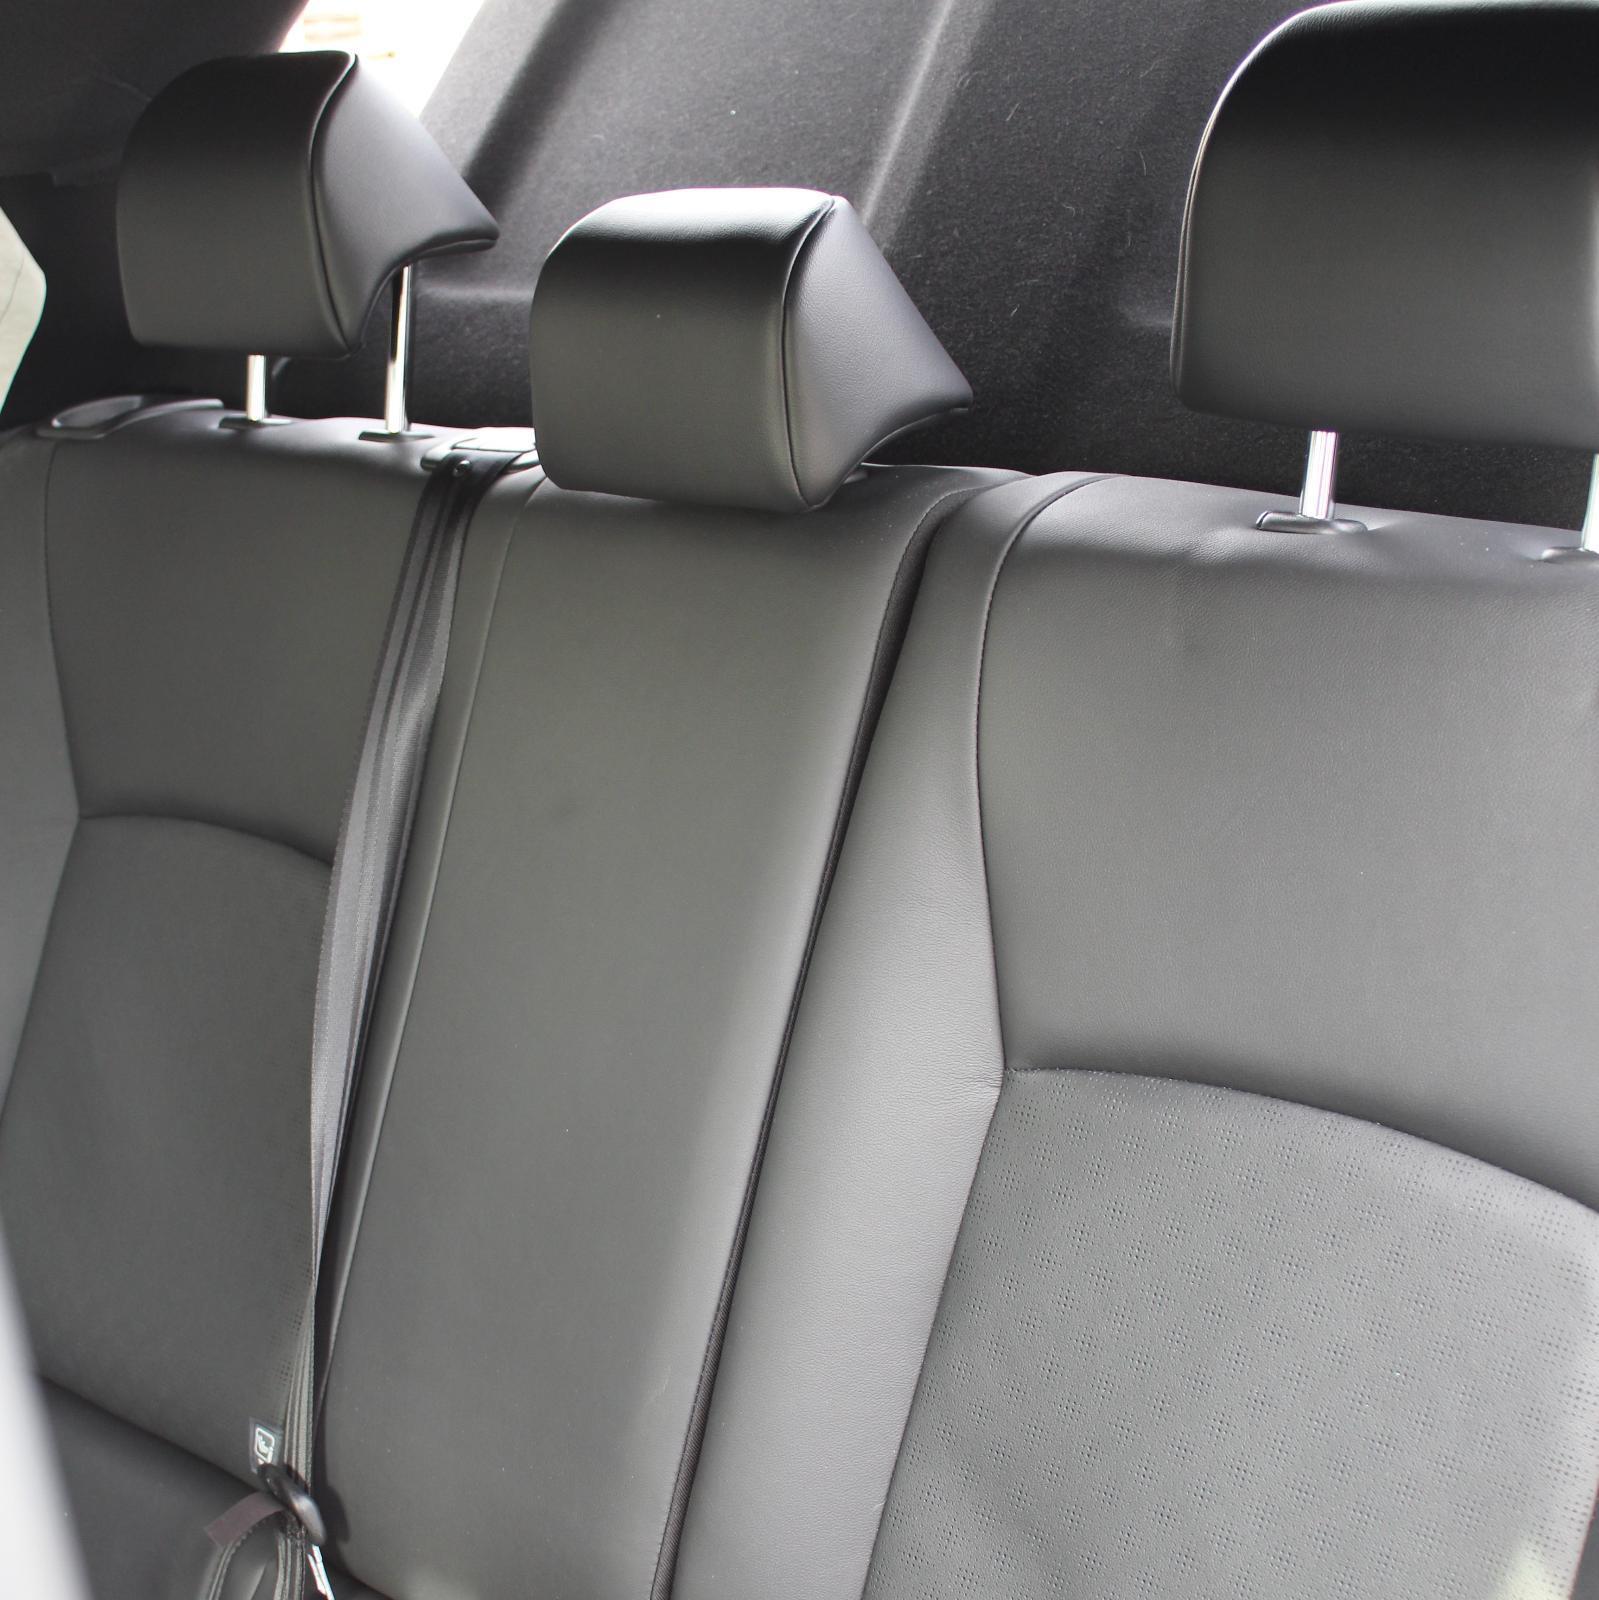 TOYOTA C-HR, 2nd Seat (Rear Seat), RH REAR, LEATHER, NGX10R/NGX50R, 12/16-